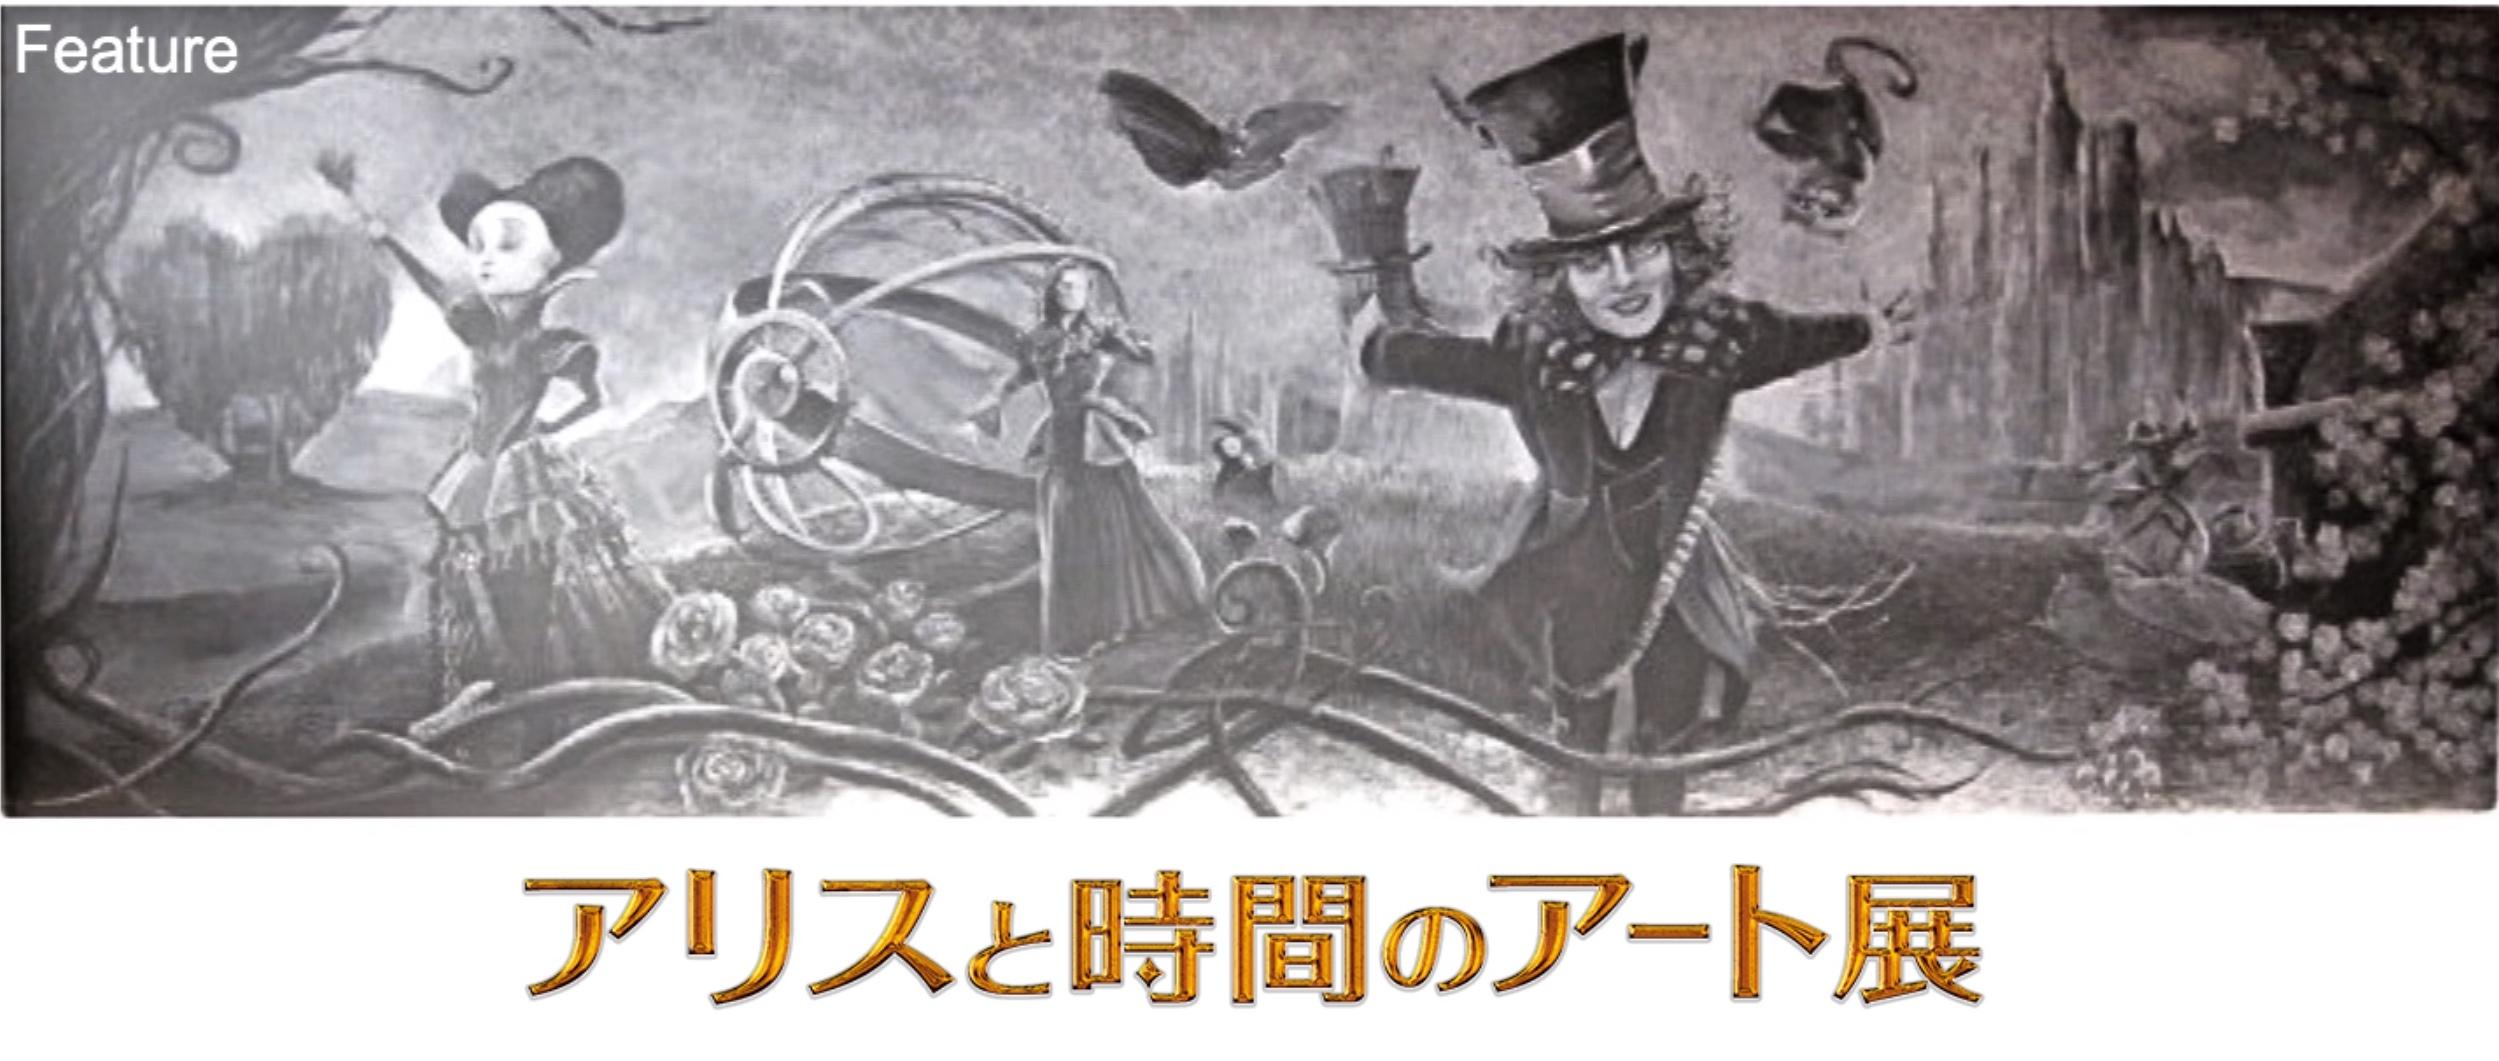 作品世界にインスパイア!『アリスと時間のアート展』開催!